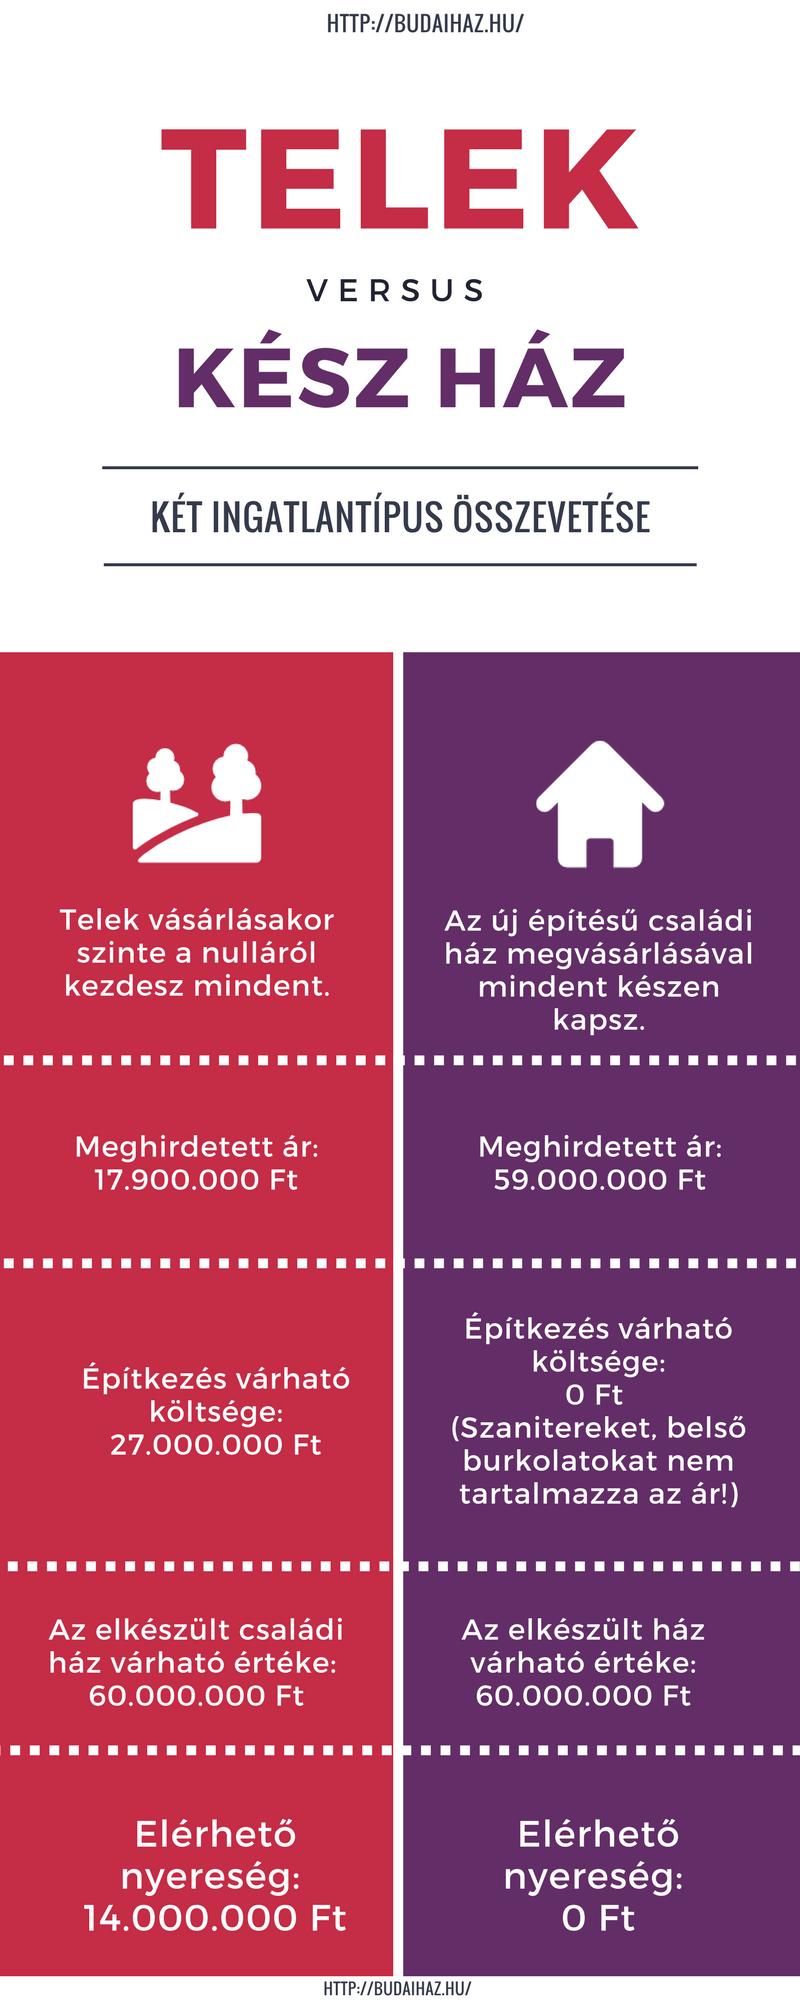 eladó telek vs új építésű ház